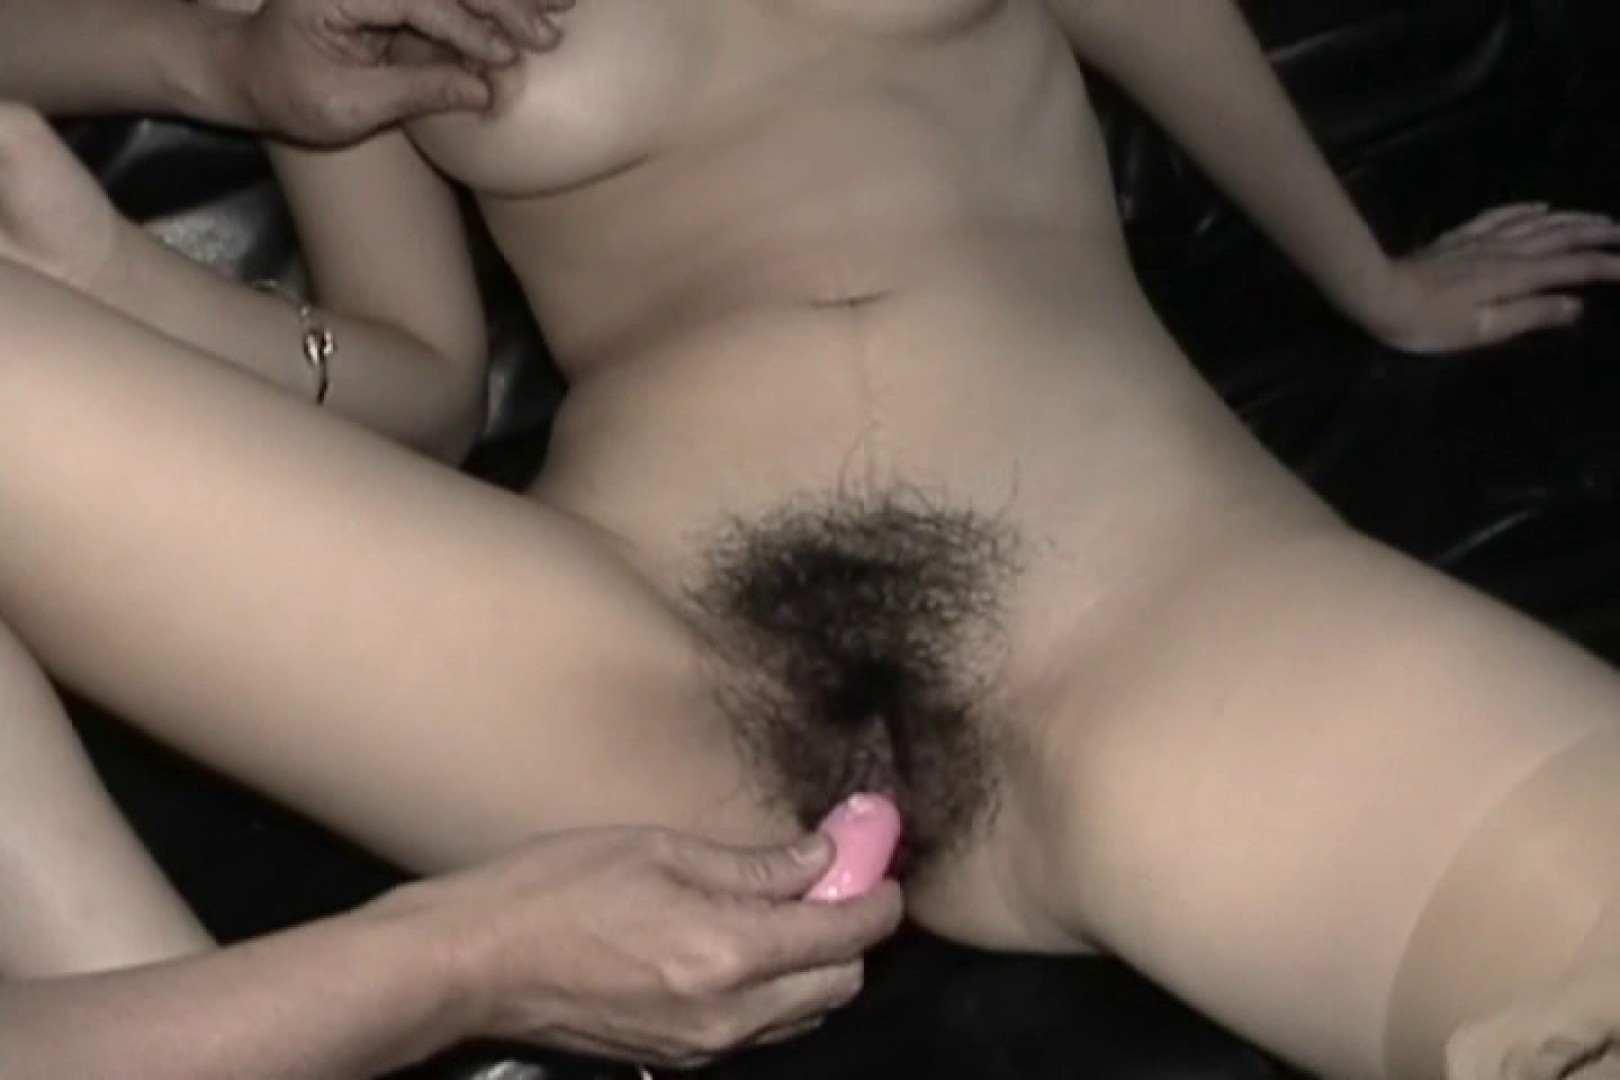 形の良いお椀型の美乳熟女とSEX~川島みさき~ フェラ ヌード画像 106PIX 63